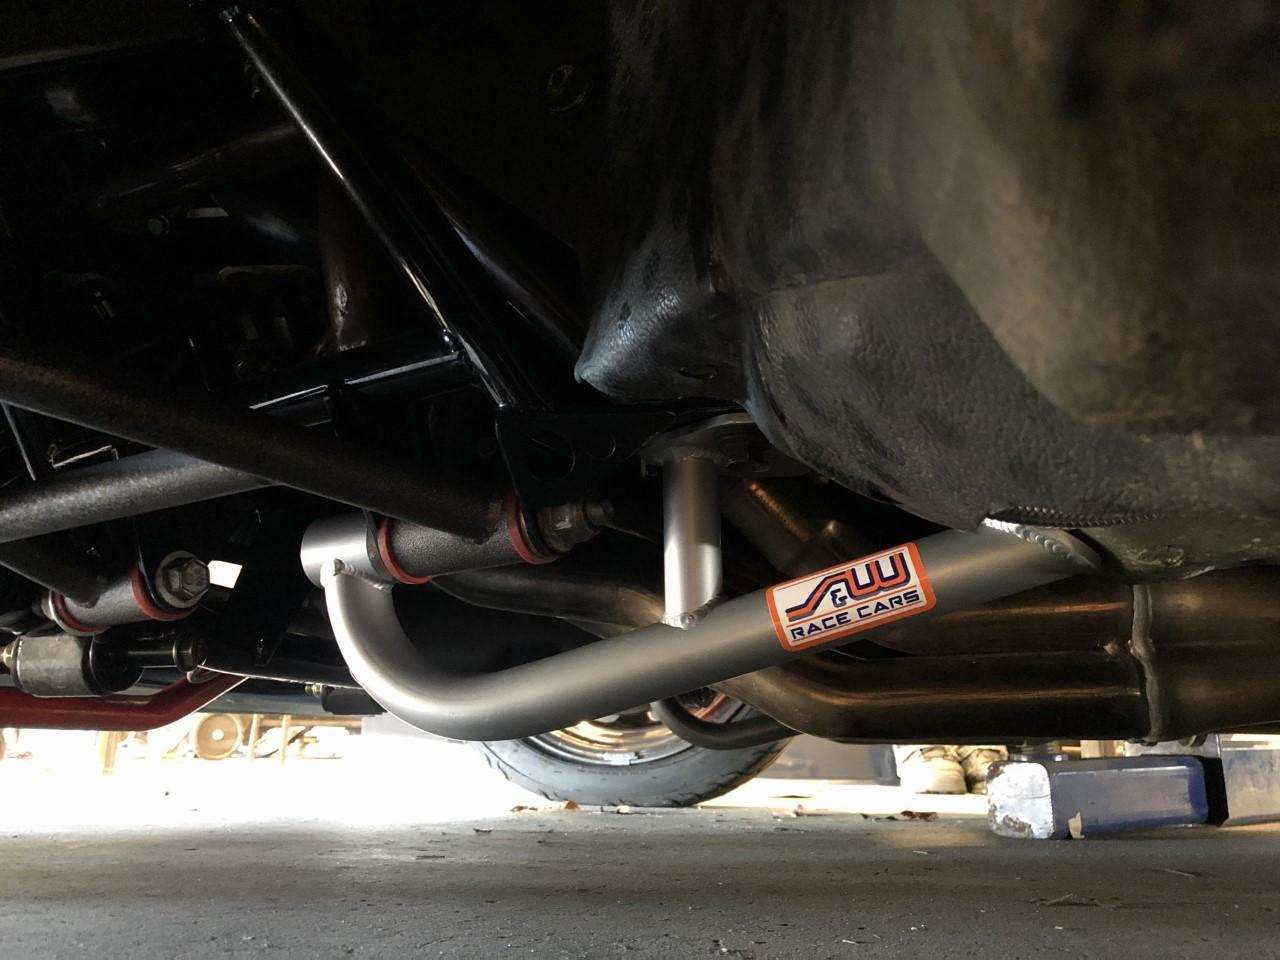 S&W Mustang Pan Saver Kit